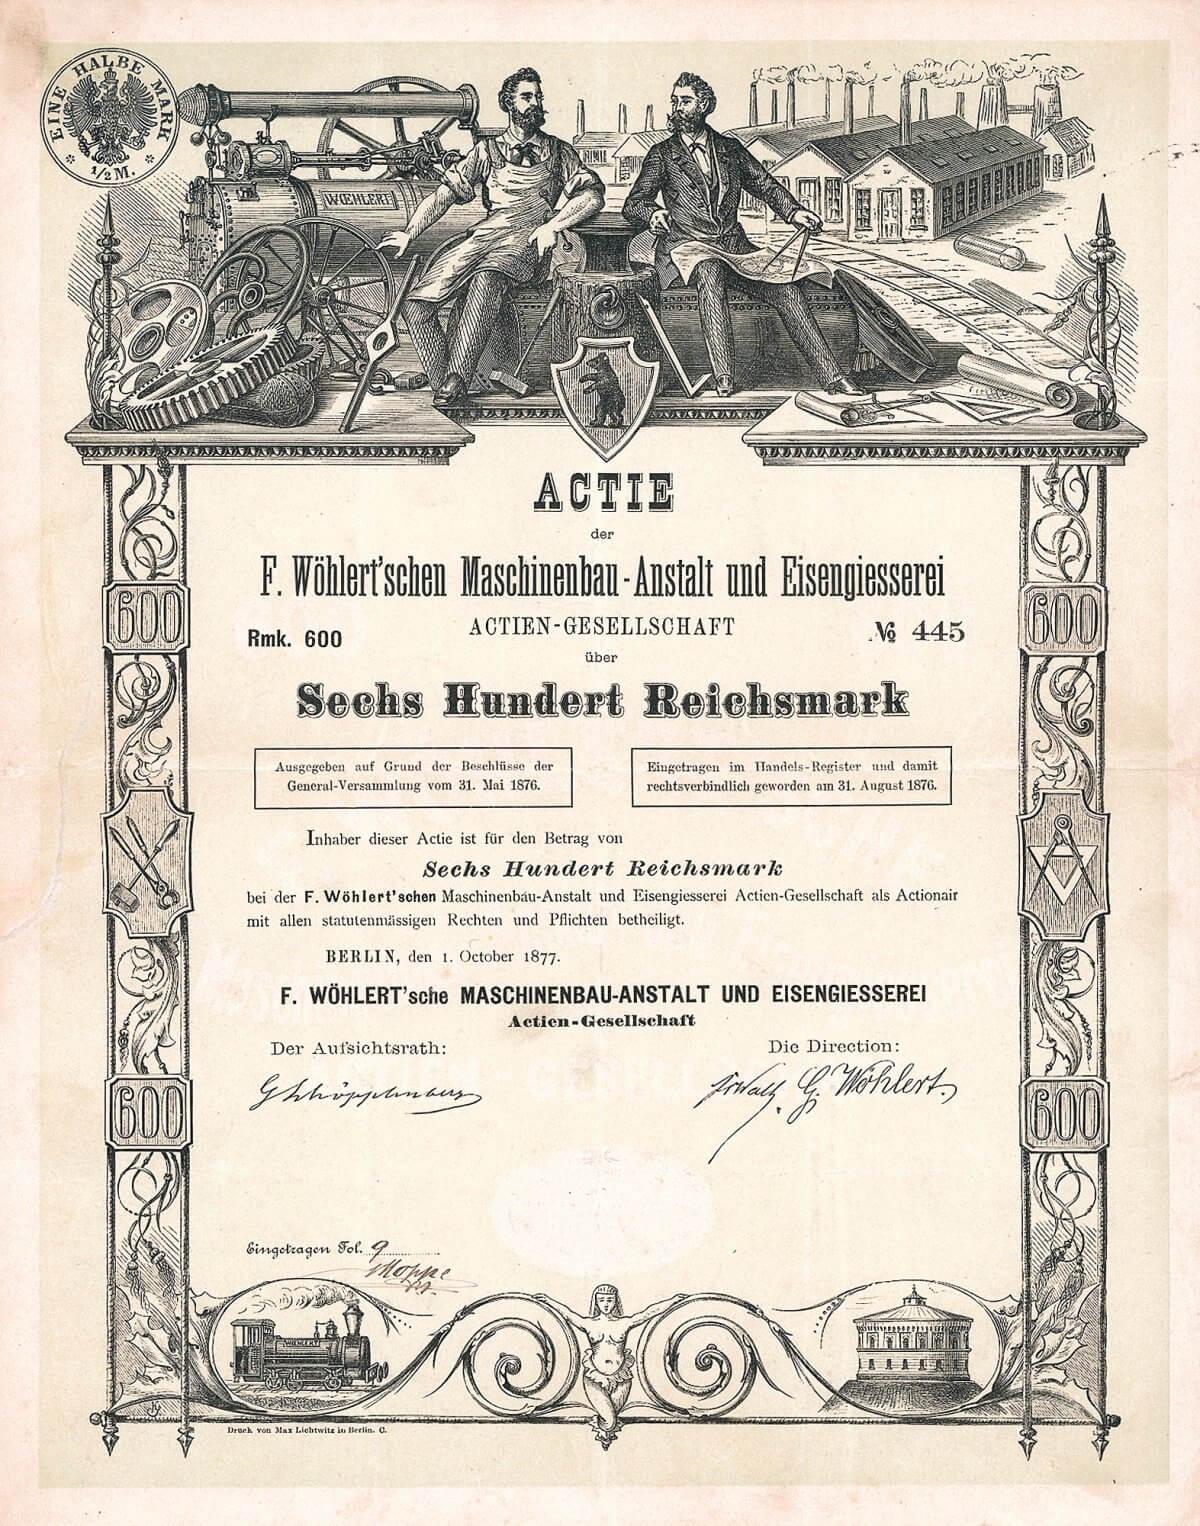 F. Wöhlert'sche Maschinenbau-Anstalt und Eisengiesserei AG, Berlin, Aktie von 1877. DER ÄLTESTE DEUTSCHE AUTOMOBILPRODUZENT! Eine finanzhistorische Delikatesse mit hochinteressanter Geschichte, noch dazu grandios gestaltet mit großer Ansicht einer Dampfmaschine und der großen Fabrik im Hintergrund, vor der stolz ein Schmied und ein Ingenieur posieren.